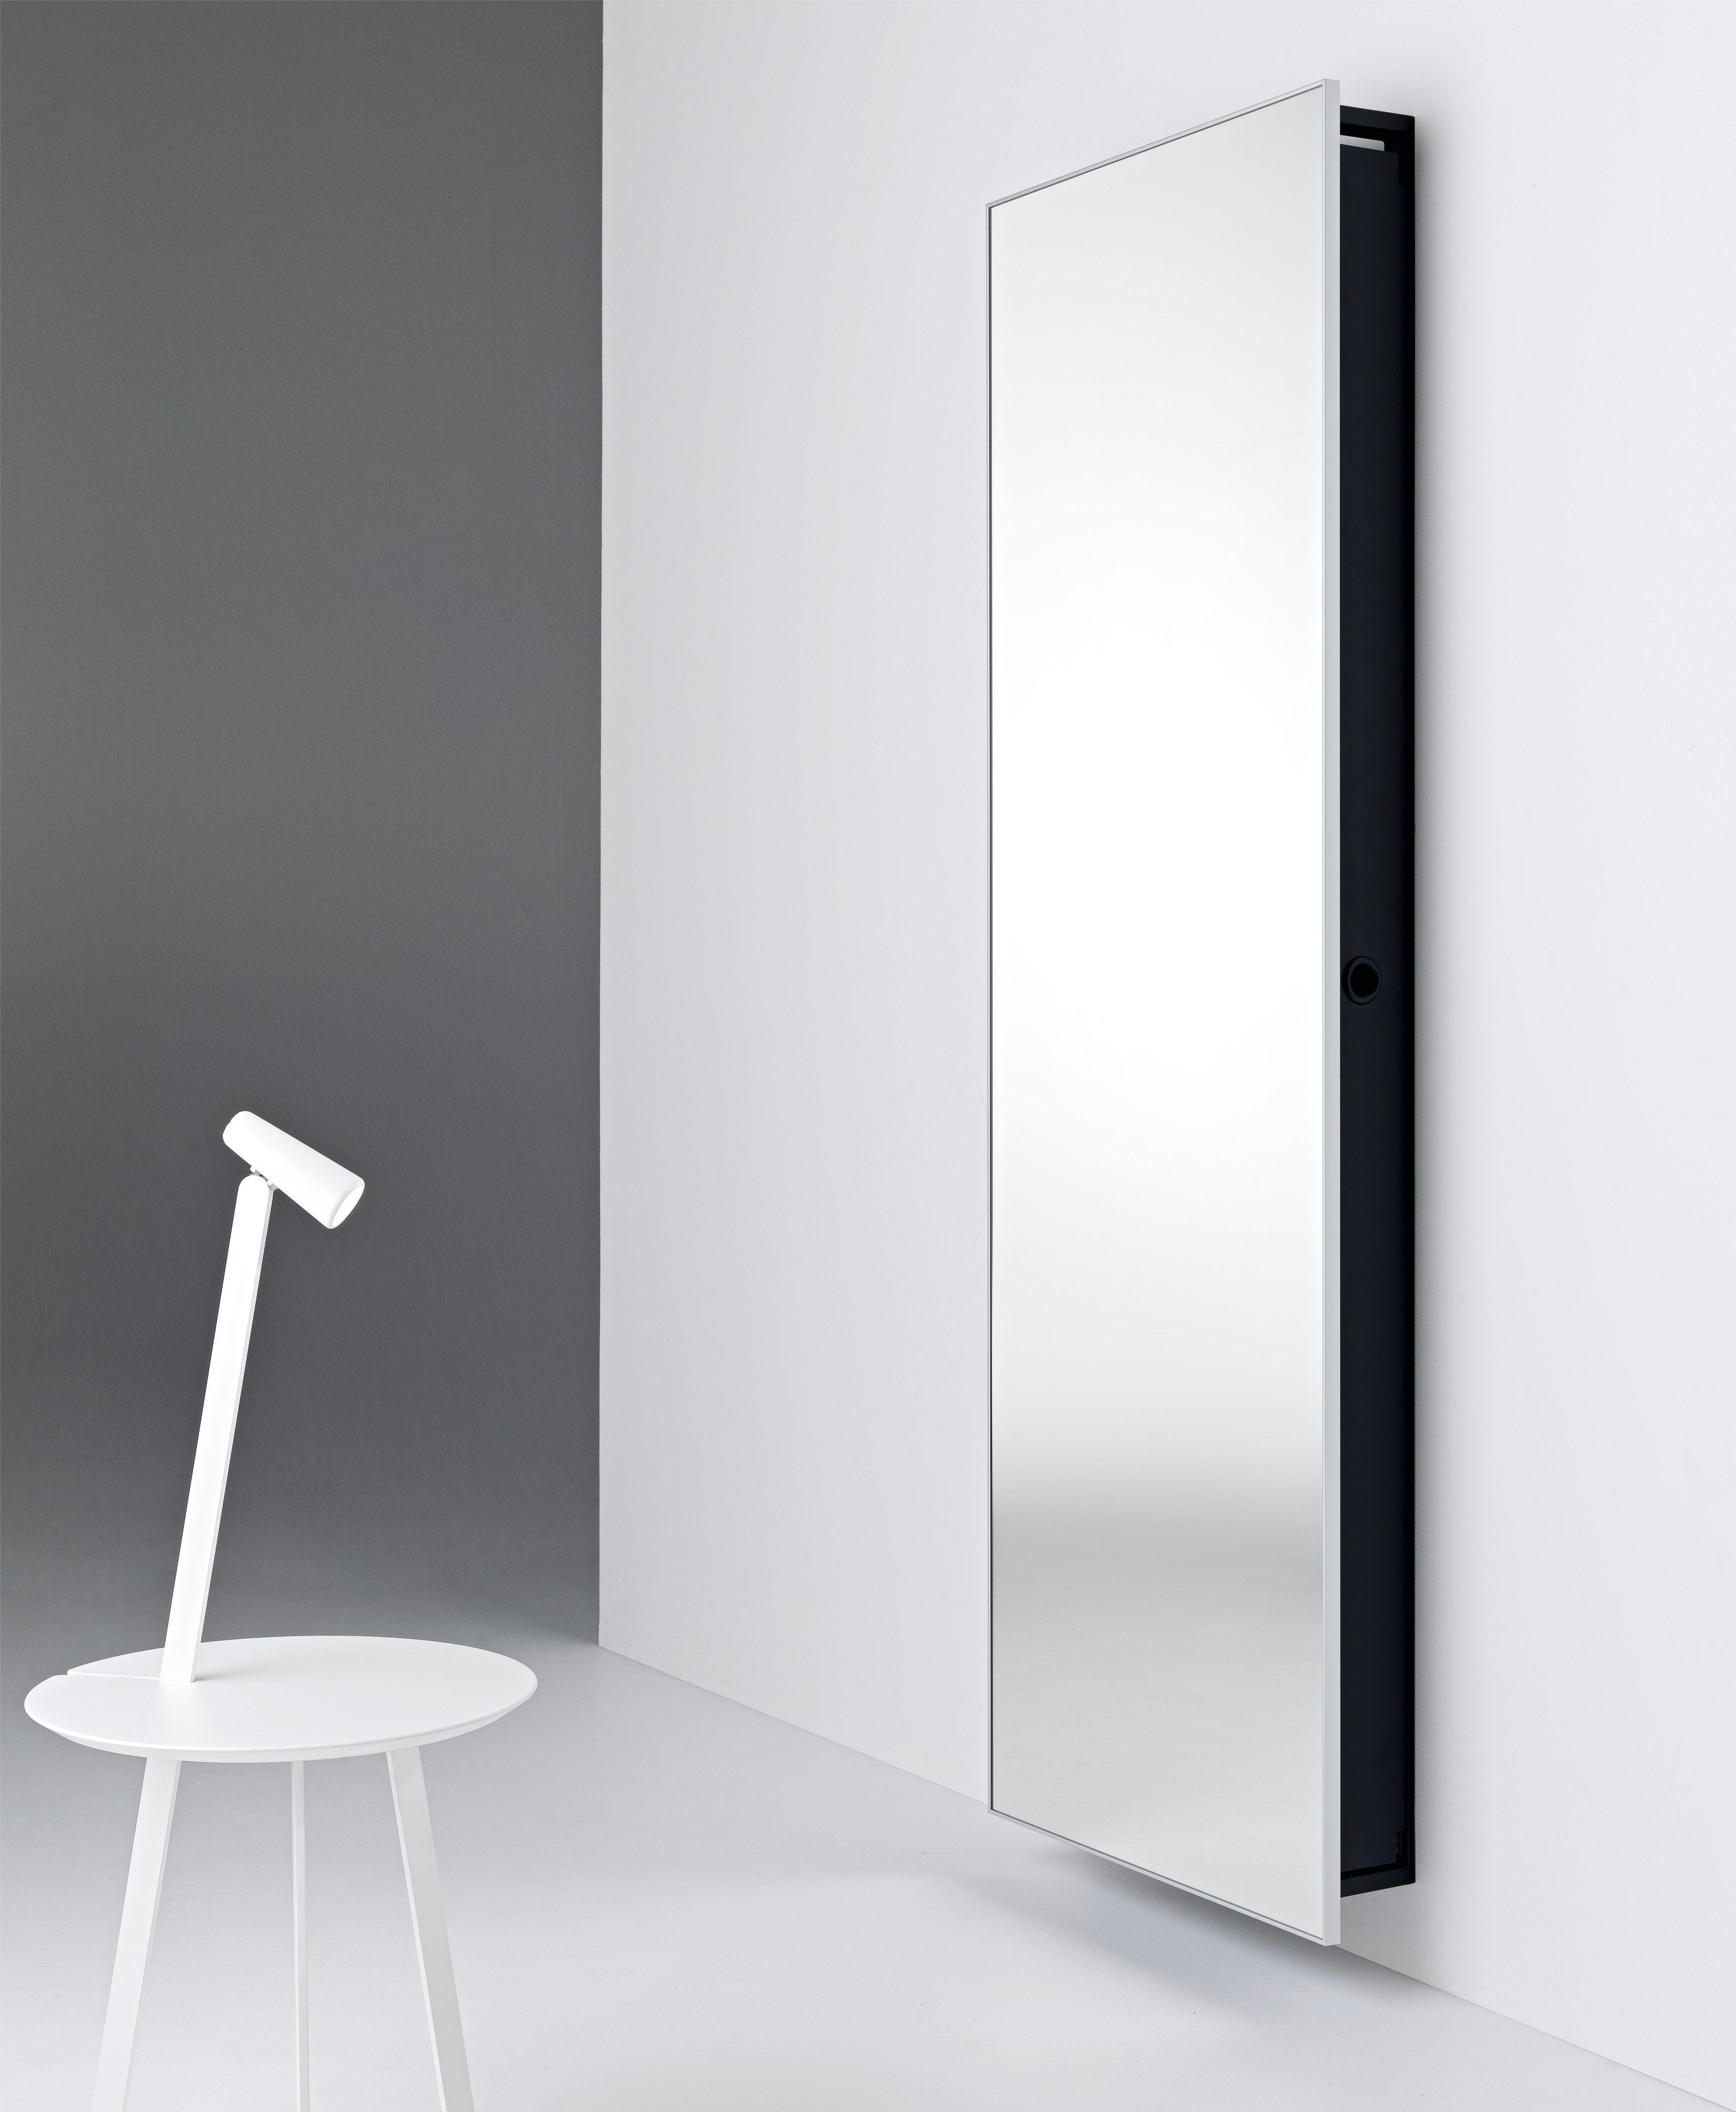 Armoire backstage miroir 64 x h 192 cm l 64 x h 192 cm for Miroir cadre noir